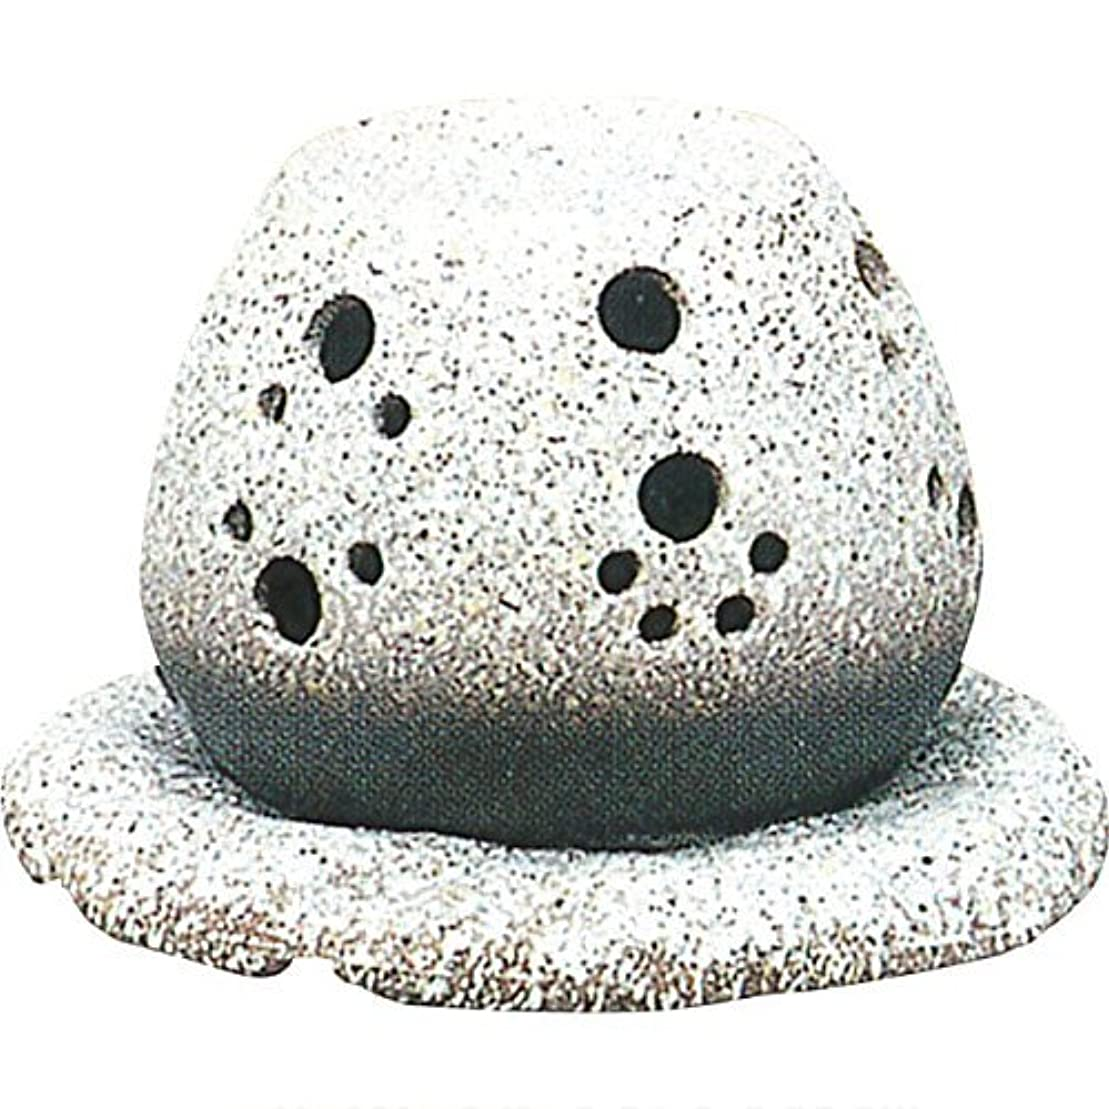 遵守する他に急ぐ常滑焼 ?40-05 茶香炉山房窯  白皿付    14.5×15.5×10